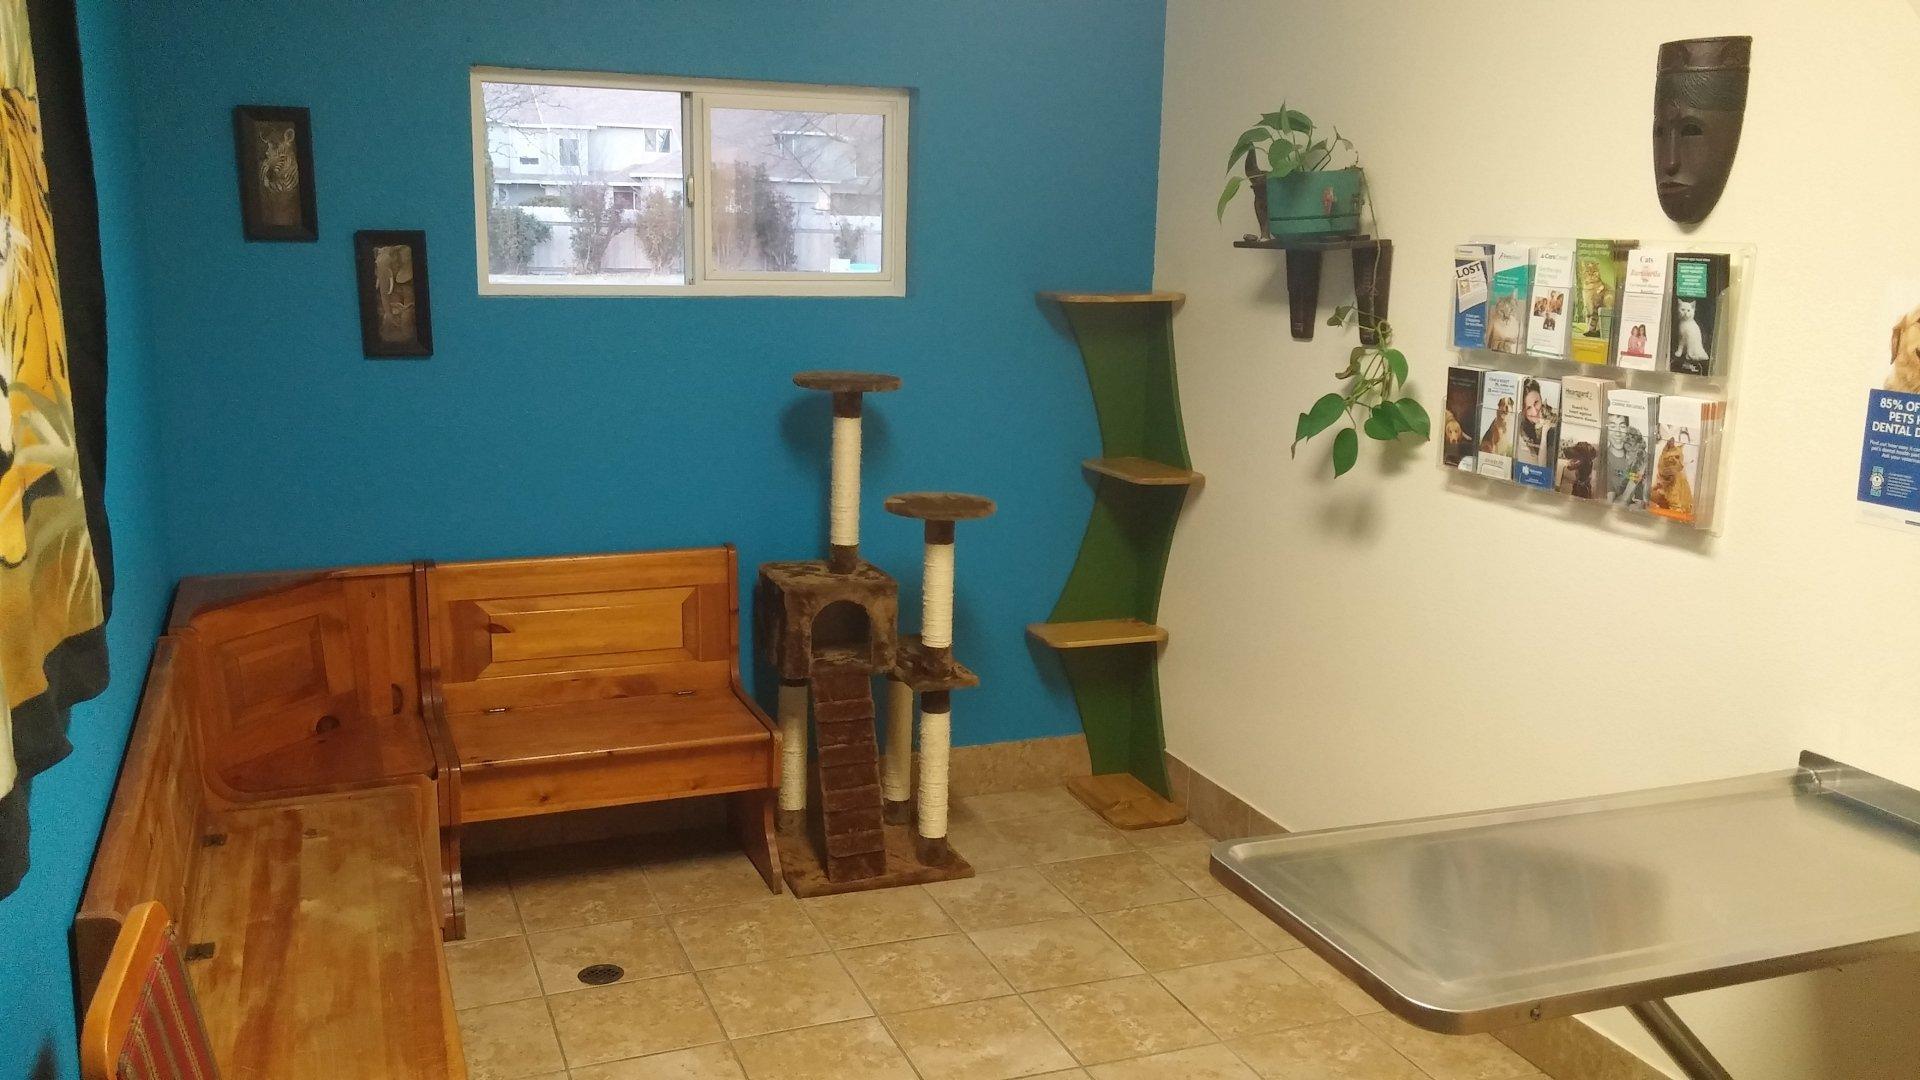 Jungle Room, Veterinary Hospital, Broadway Vet